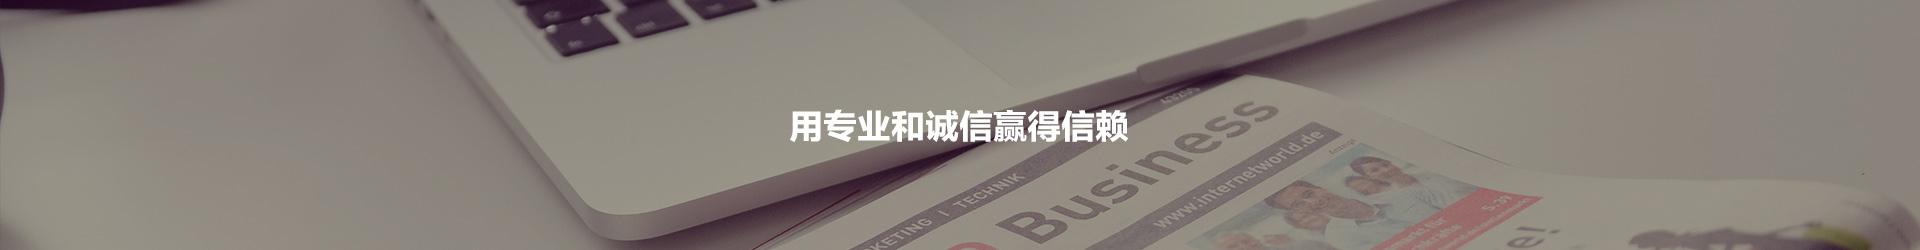 山东质监大数据平台_公司动态_关于我们_山东普邦信息技术有限公司官方网站